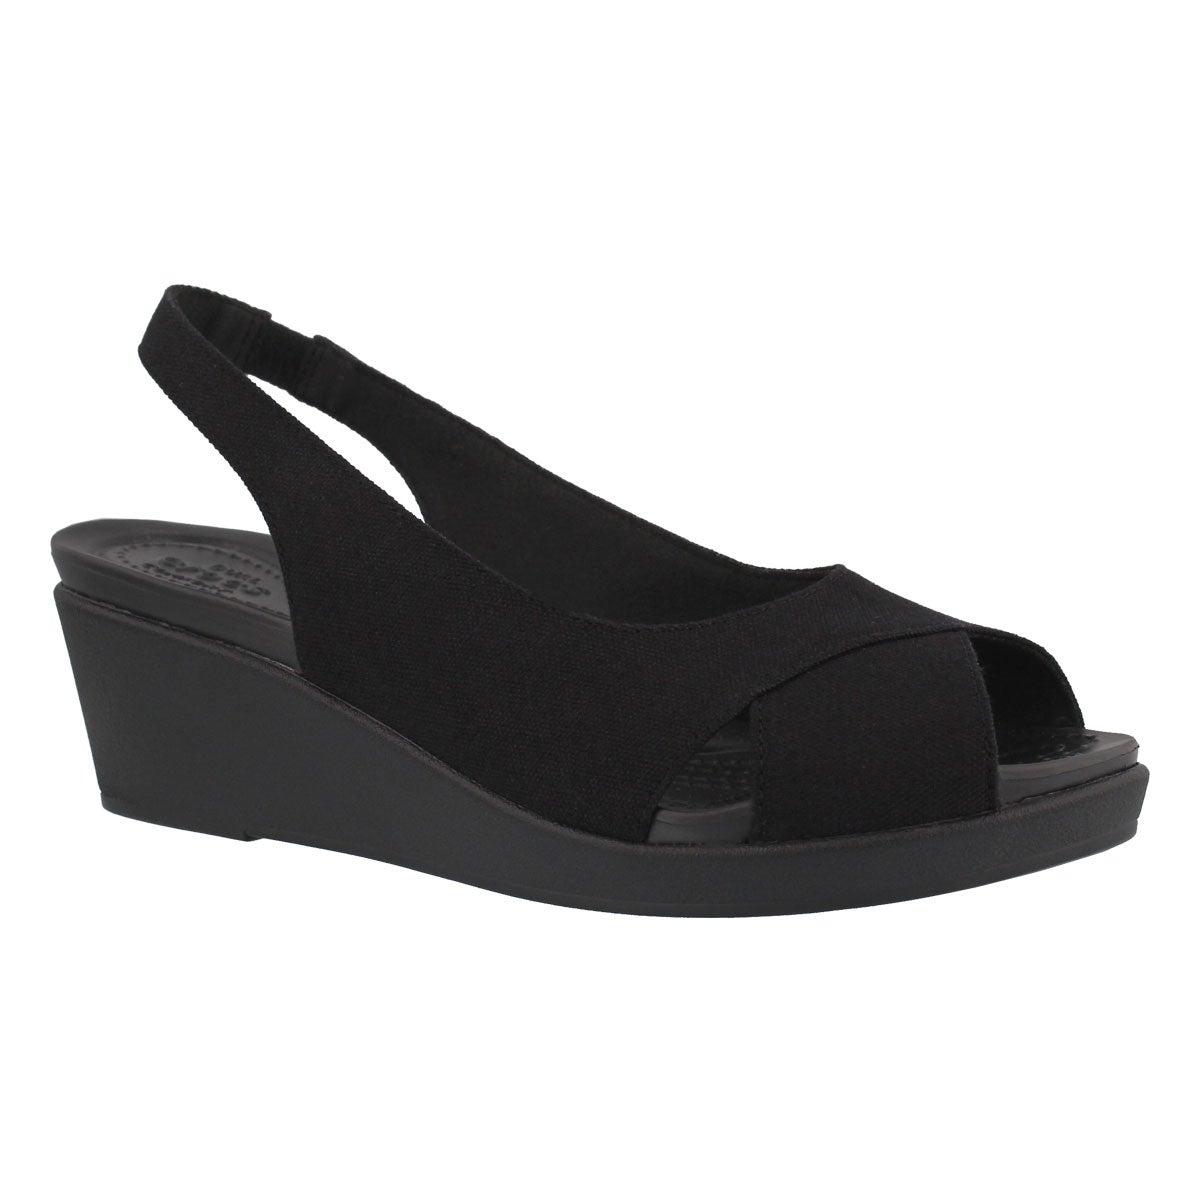 Women's LEIGHANN SLINGBACK blk/blk sandals